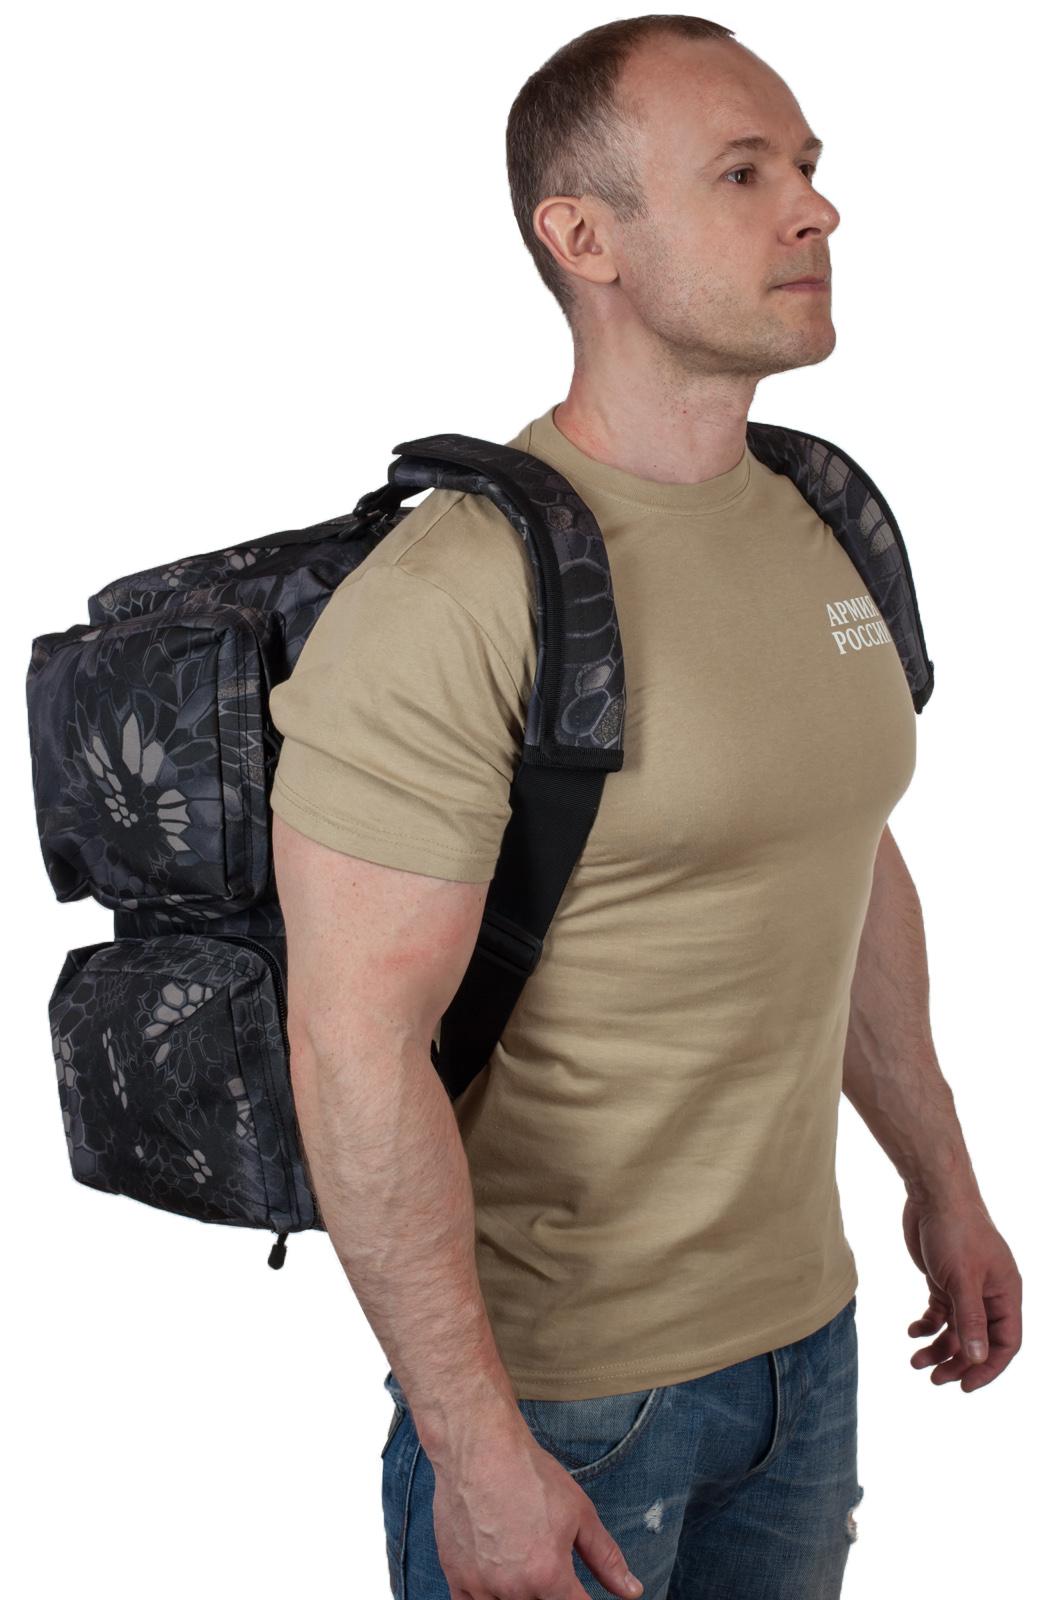 Мужская дорожная сумка камуфляж Kryptek Typhon - тактическая сумка